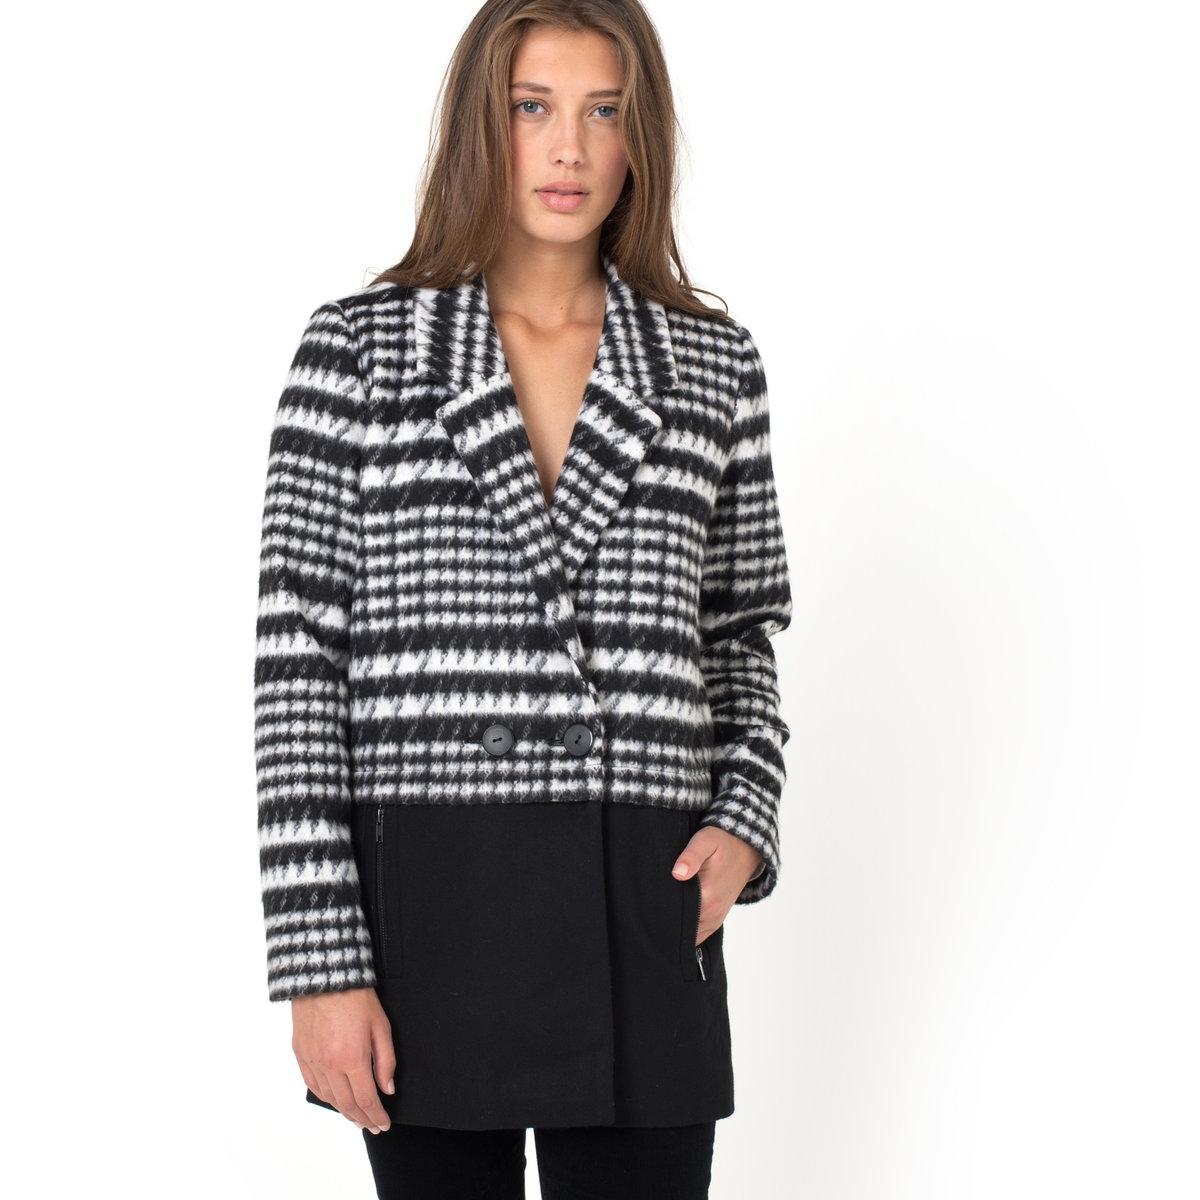 Пальто двухцветное SoniaПальто Sonia - ICHI. Двухцветное. 51,5% шерсти, 48,5% полиэстера. 2 кармана с застёжкой на молнию по бокам. Длина ок. 83 см.<br><br>Цвет: черный/ белый